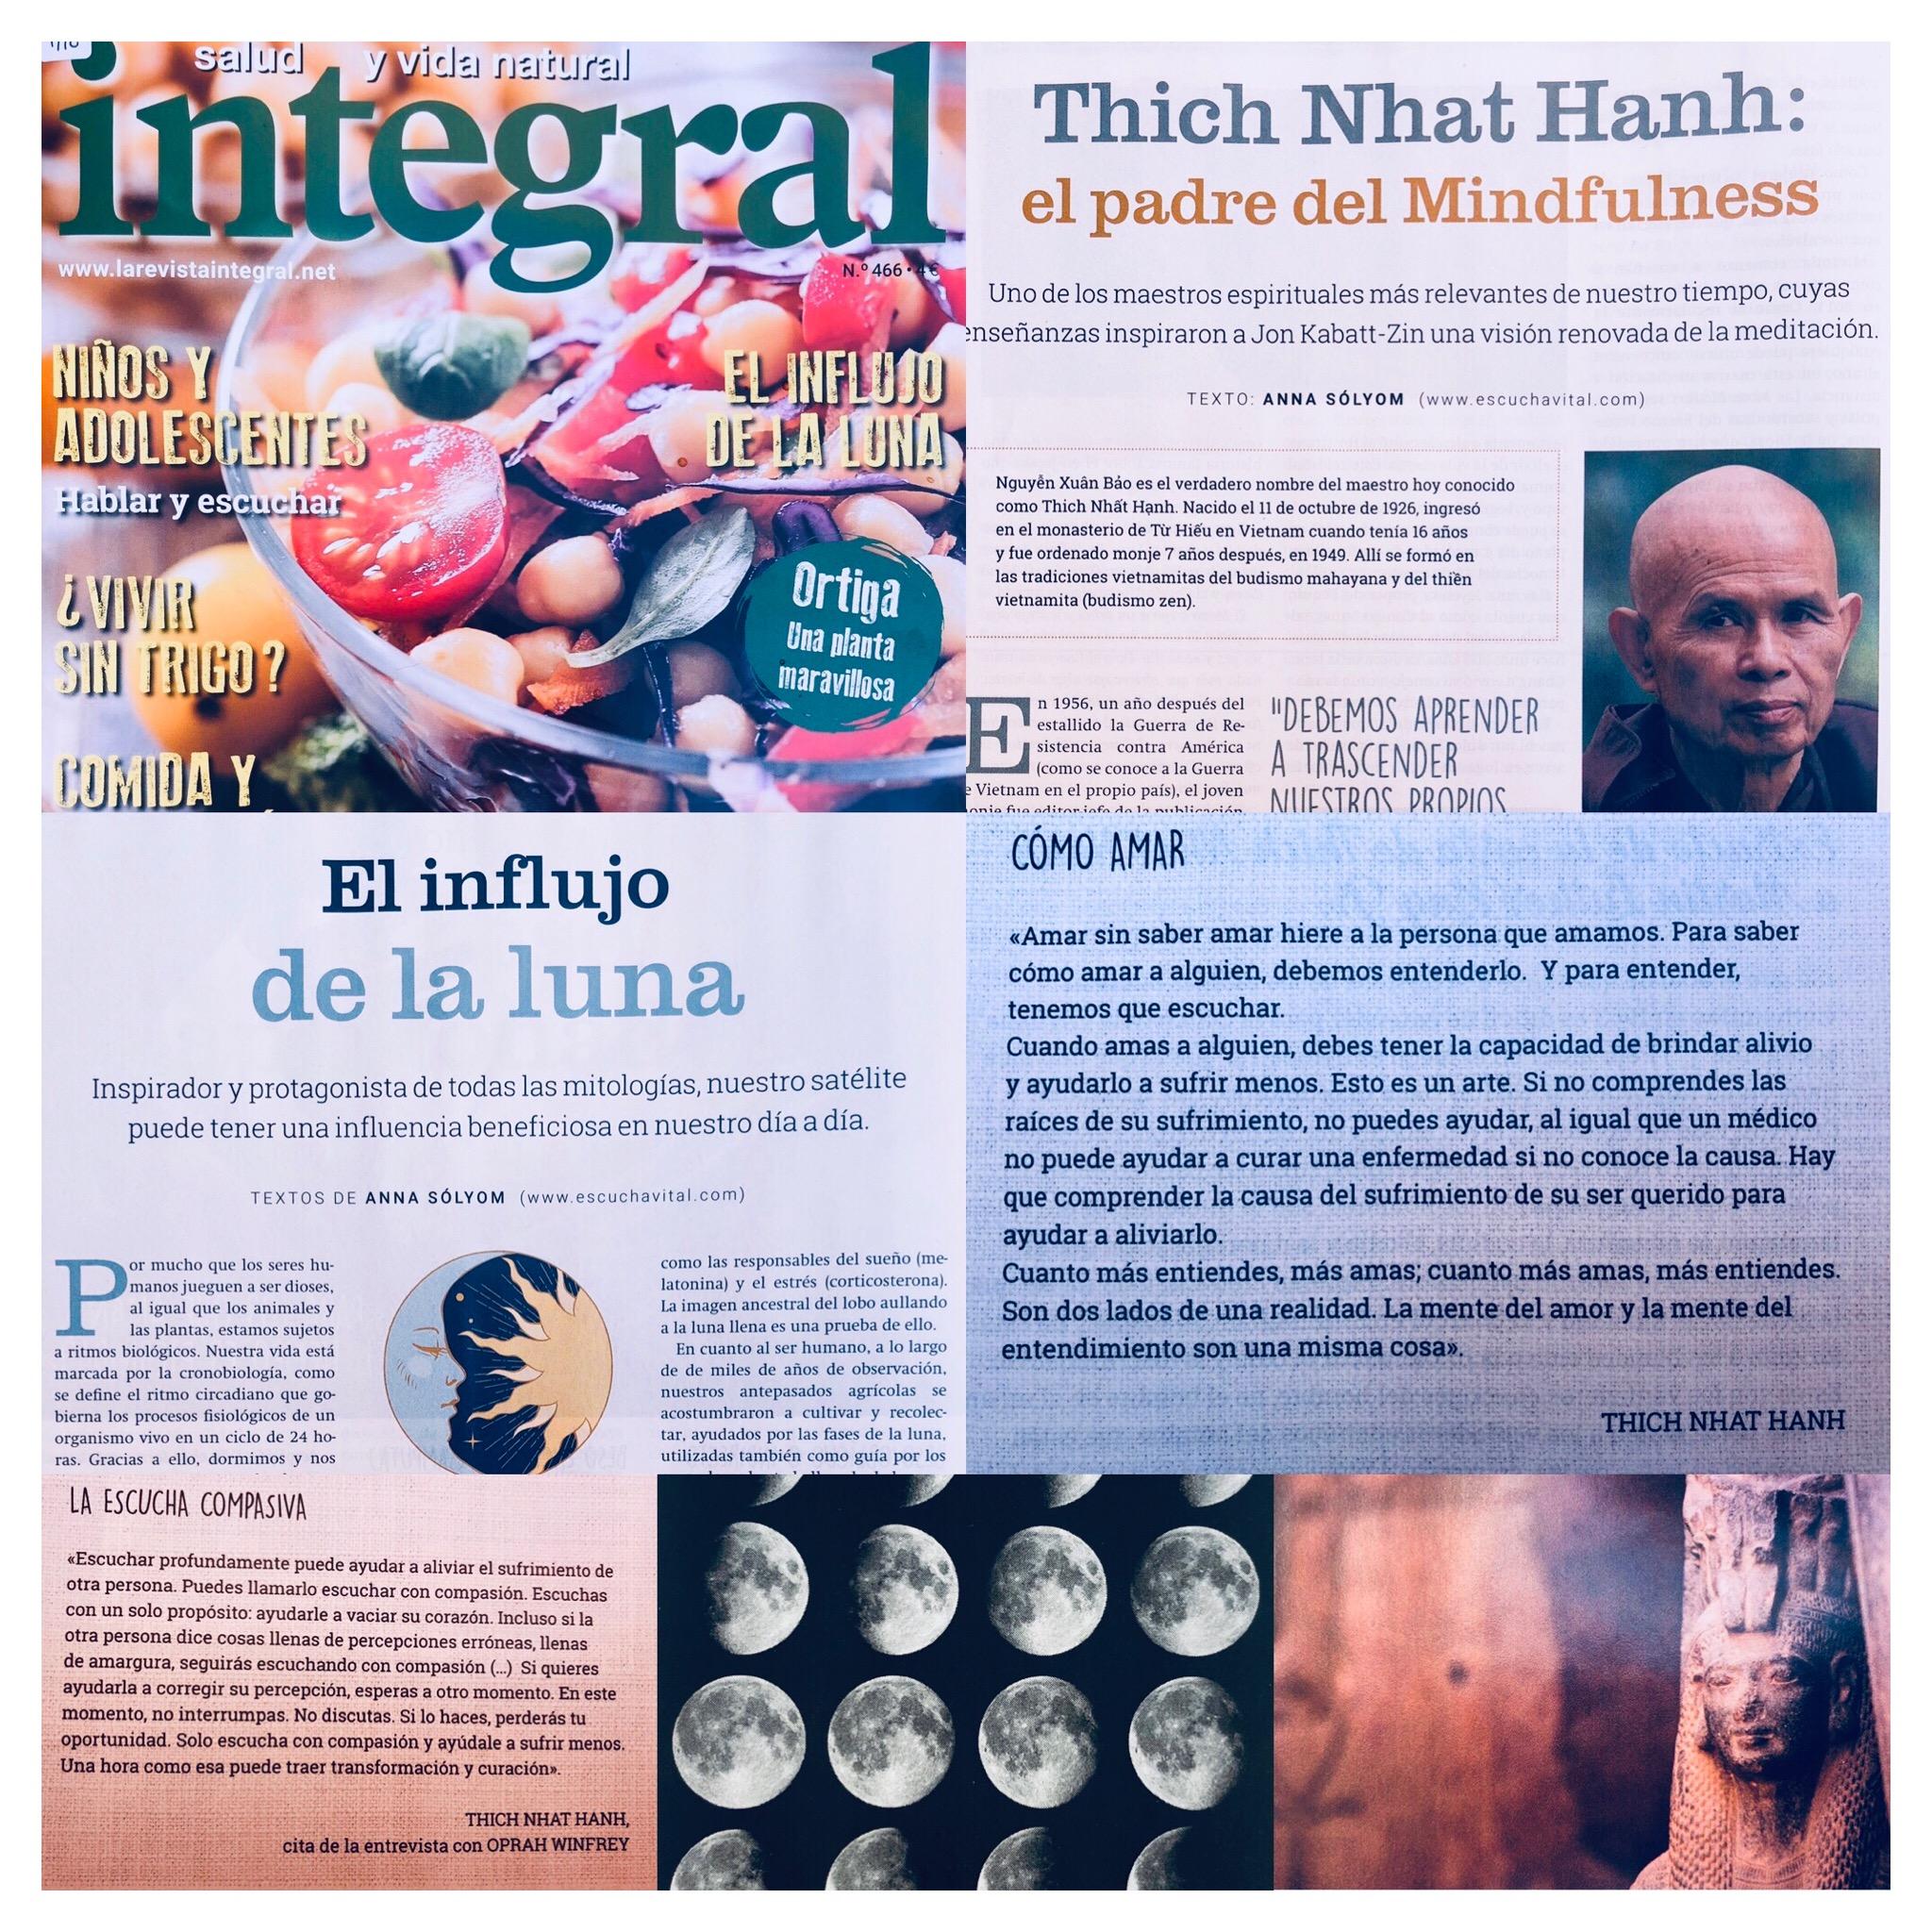 El influjo de la luna y Thich Nhat Hanh